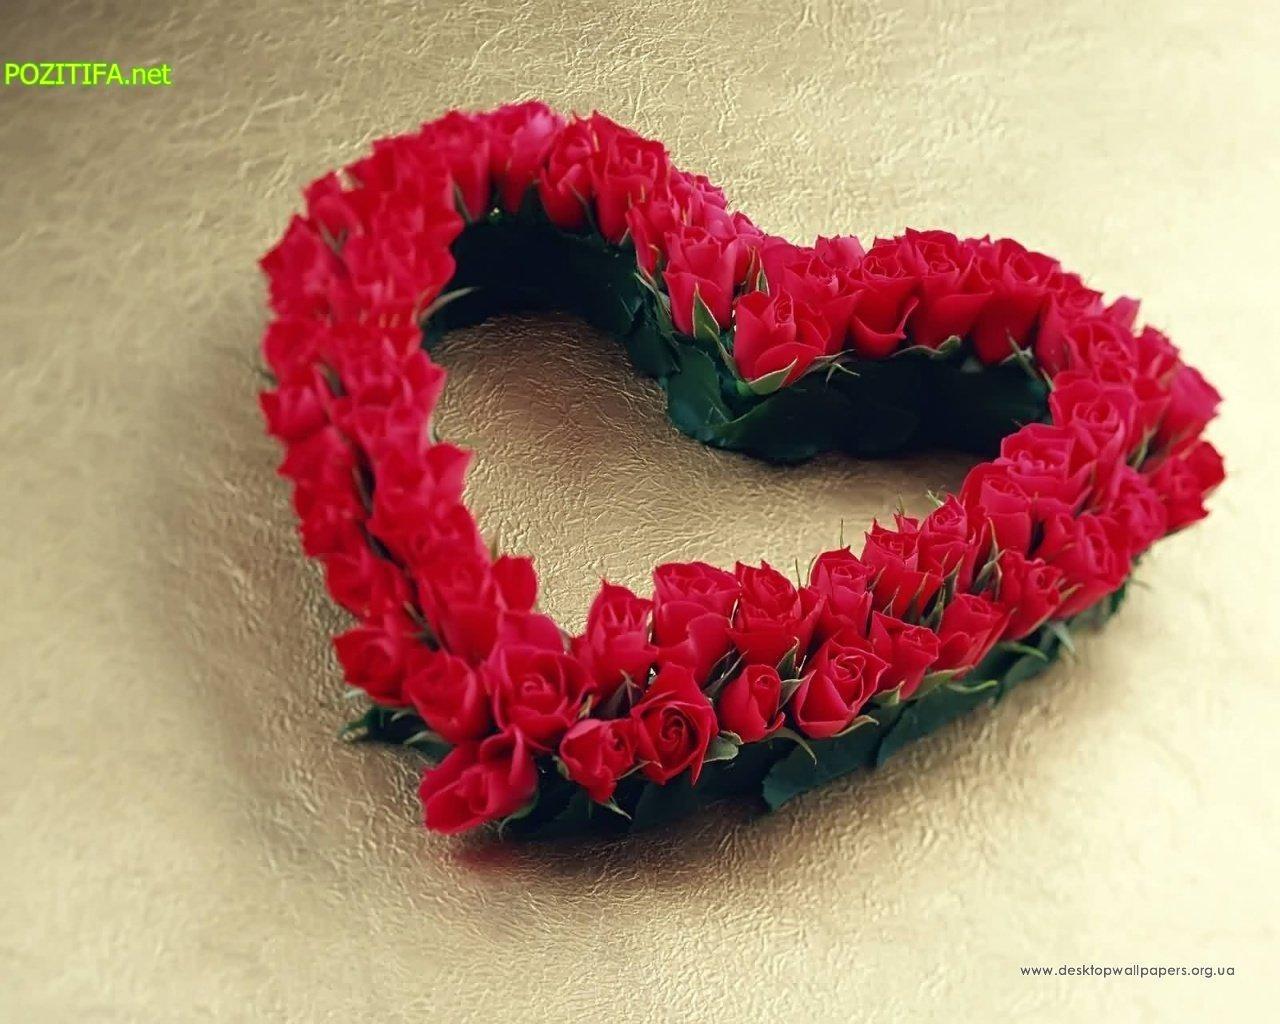 2872 скачать обои Растения, Розы, Сердца, Любовь, День Святого Валентина (Valentine's Day), Открытки - заставки и картинки бесплатно